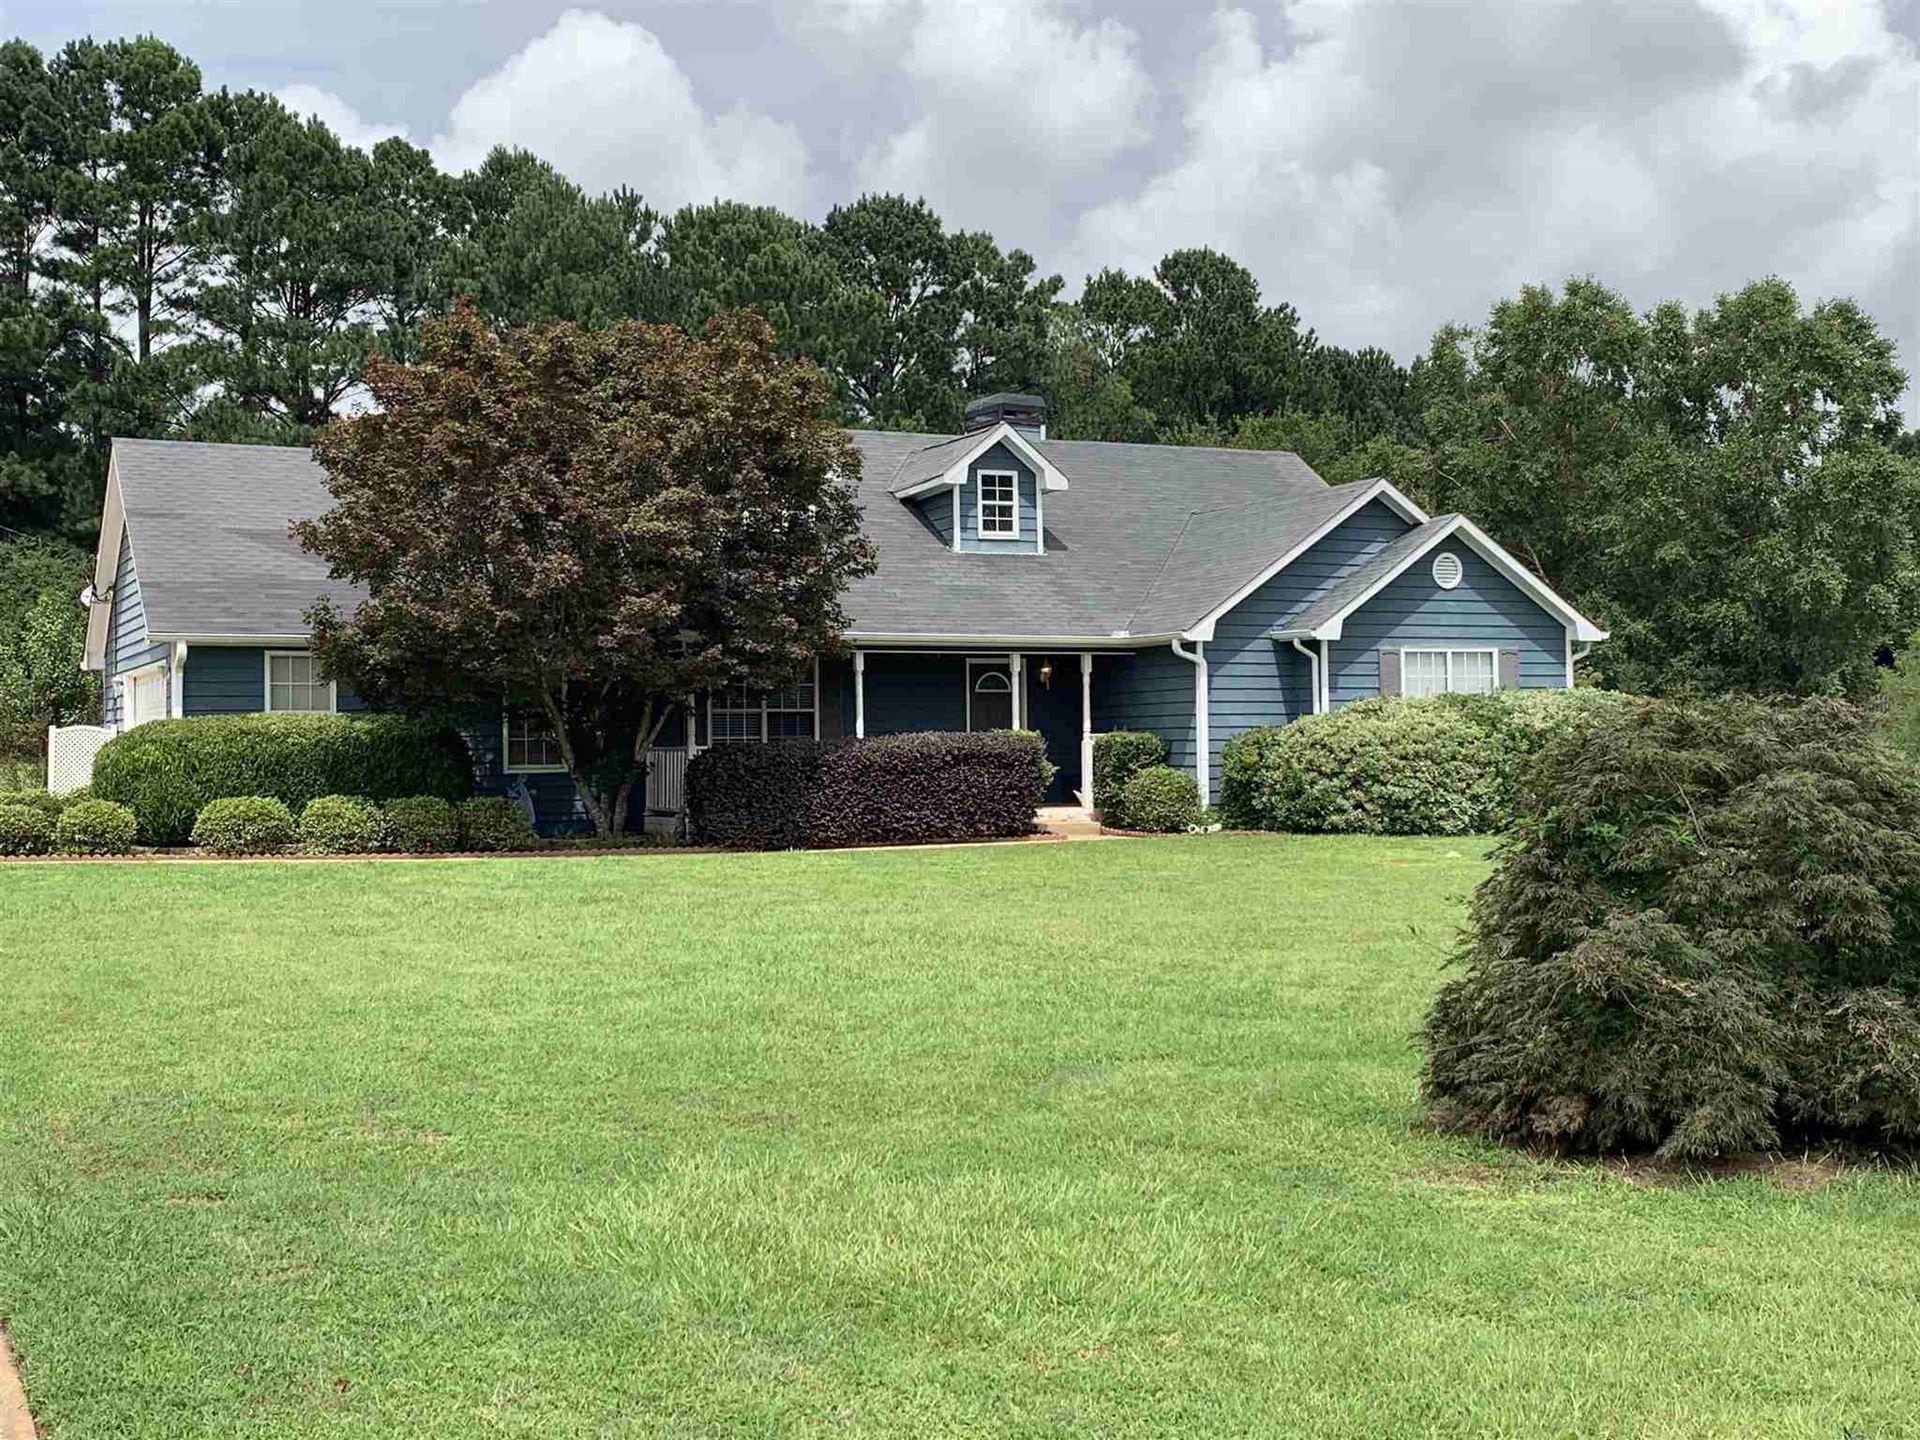 105 Country Meadows Ct, McDonough, GA 30252 - #: 8849901